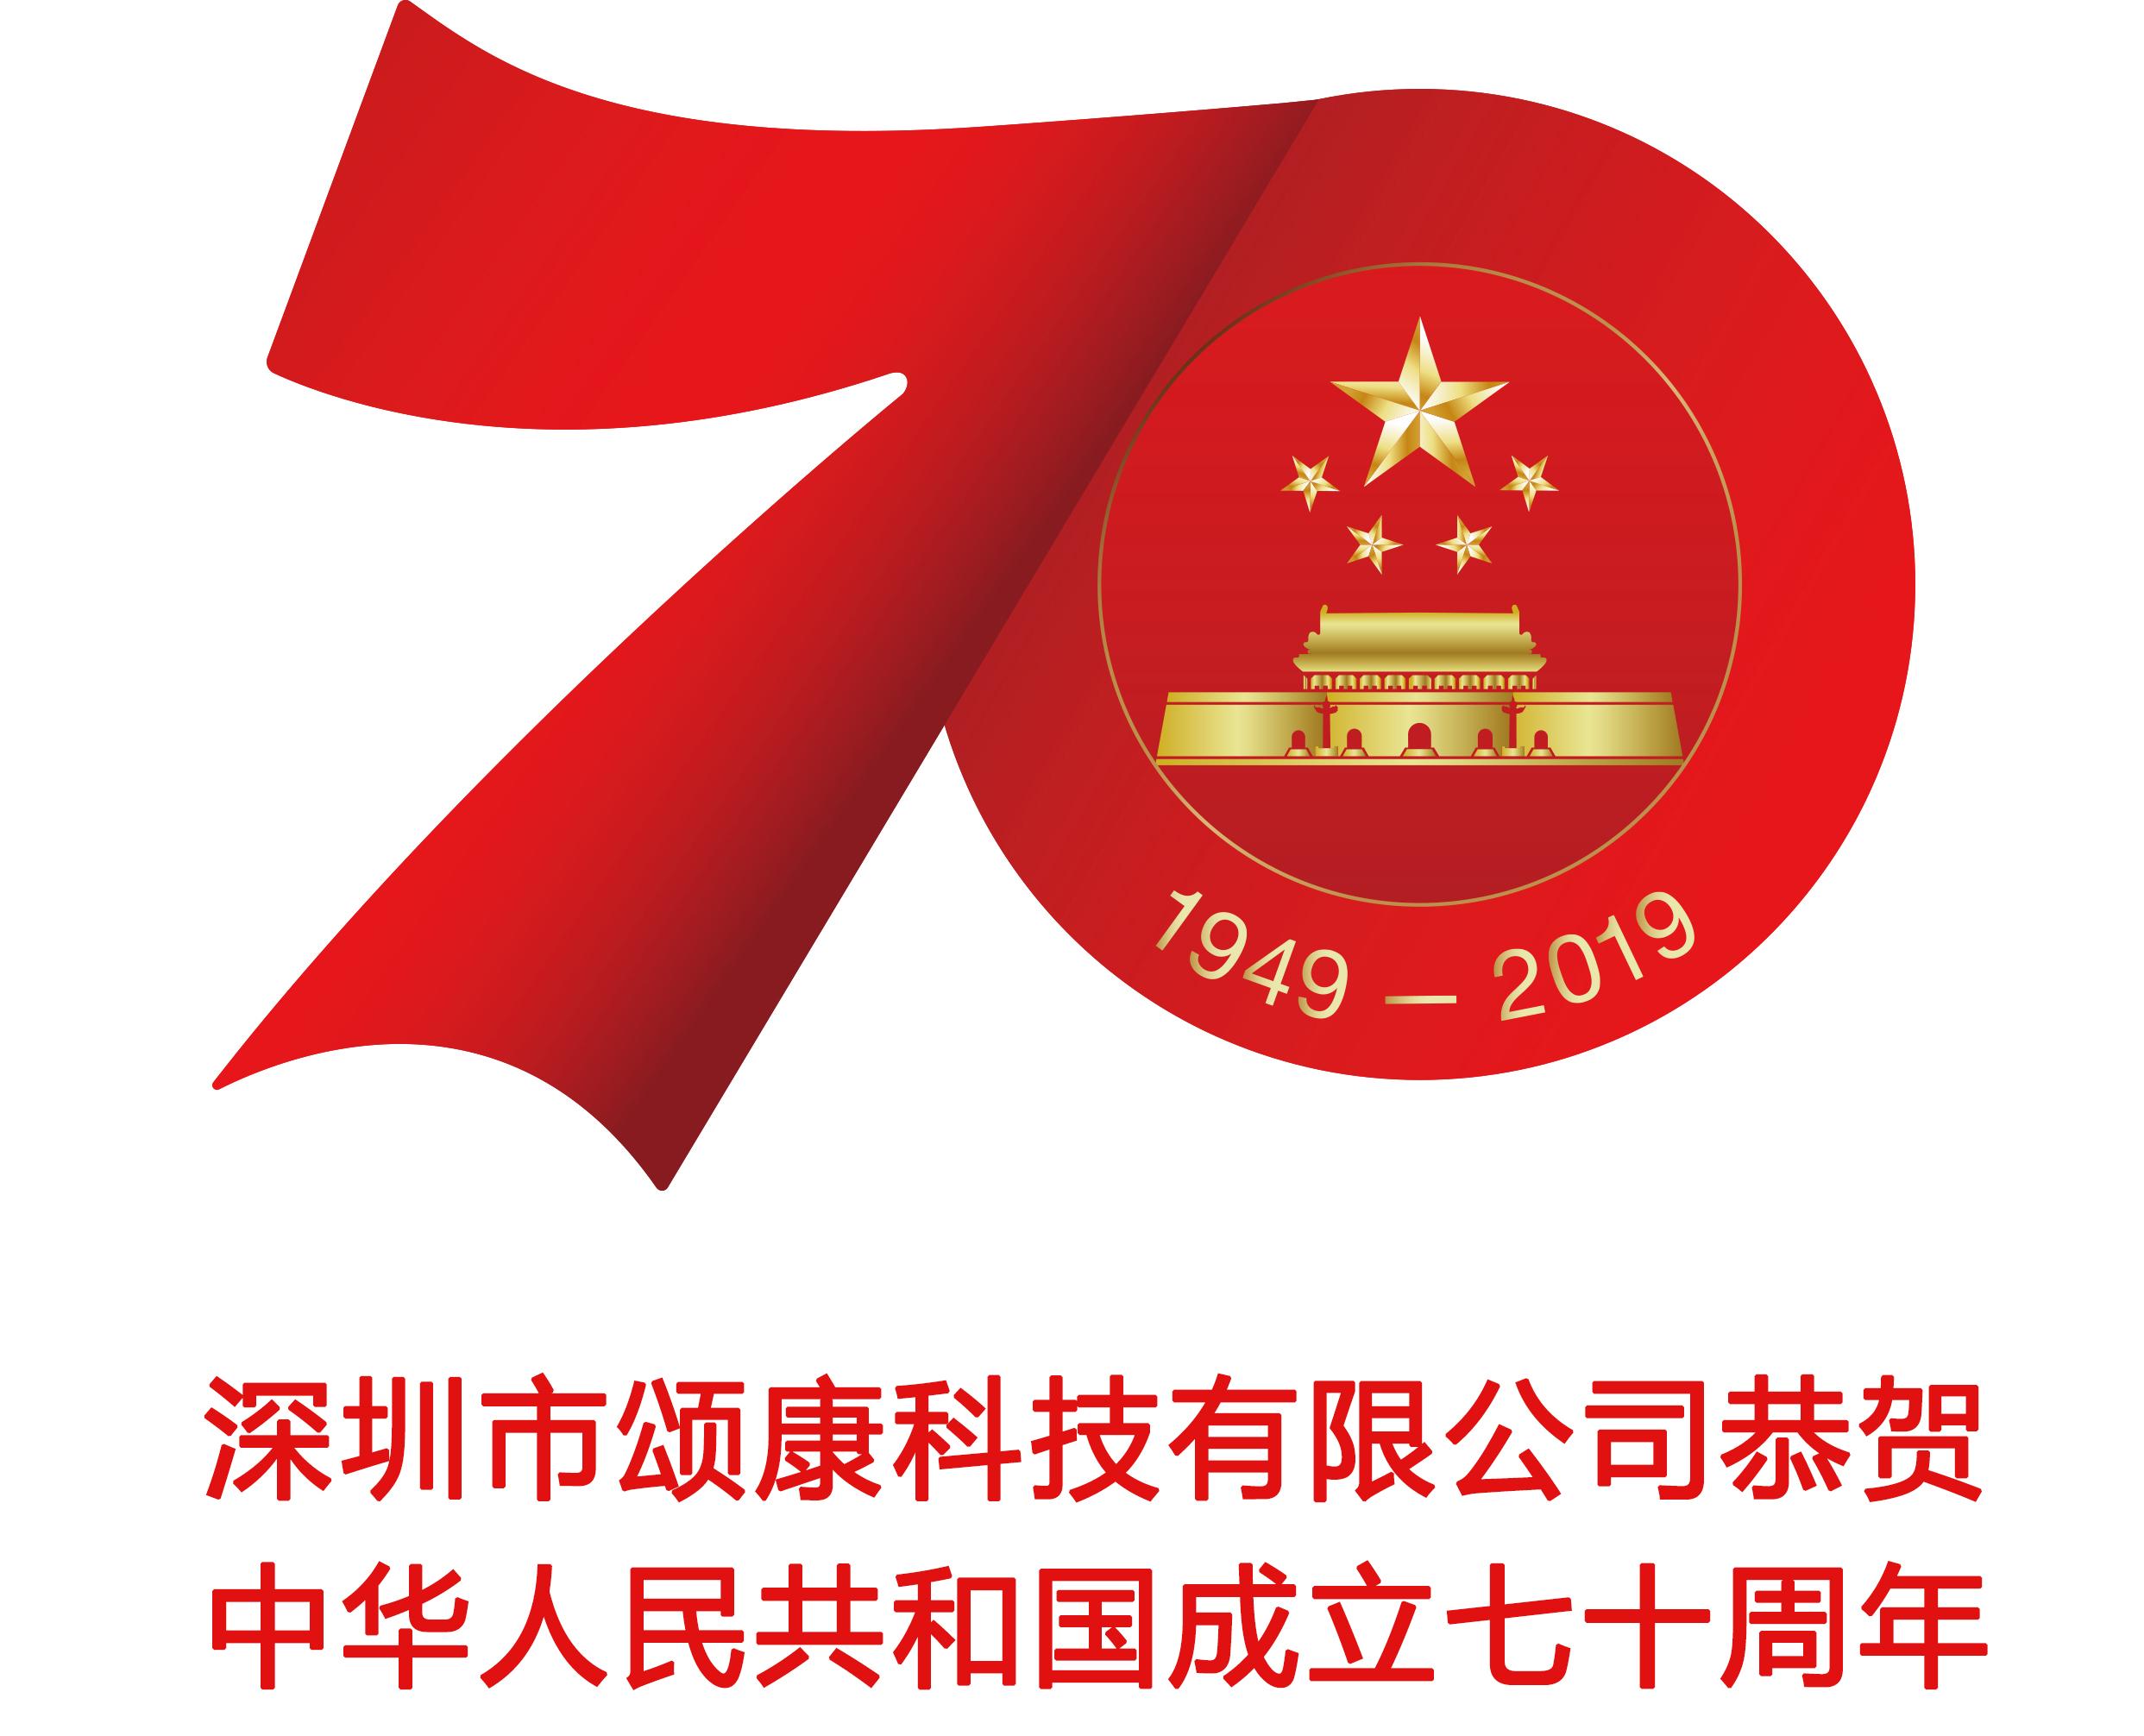 颂康恭贺70周年庆